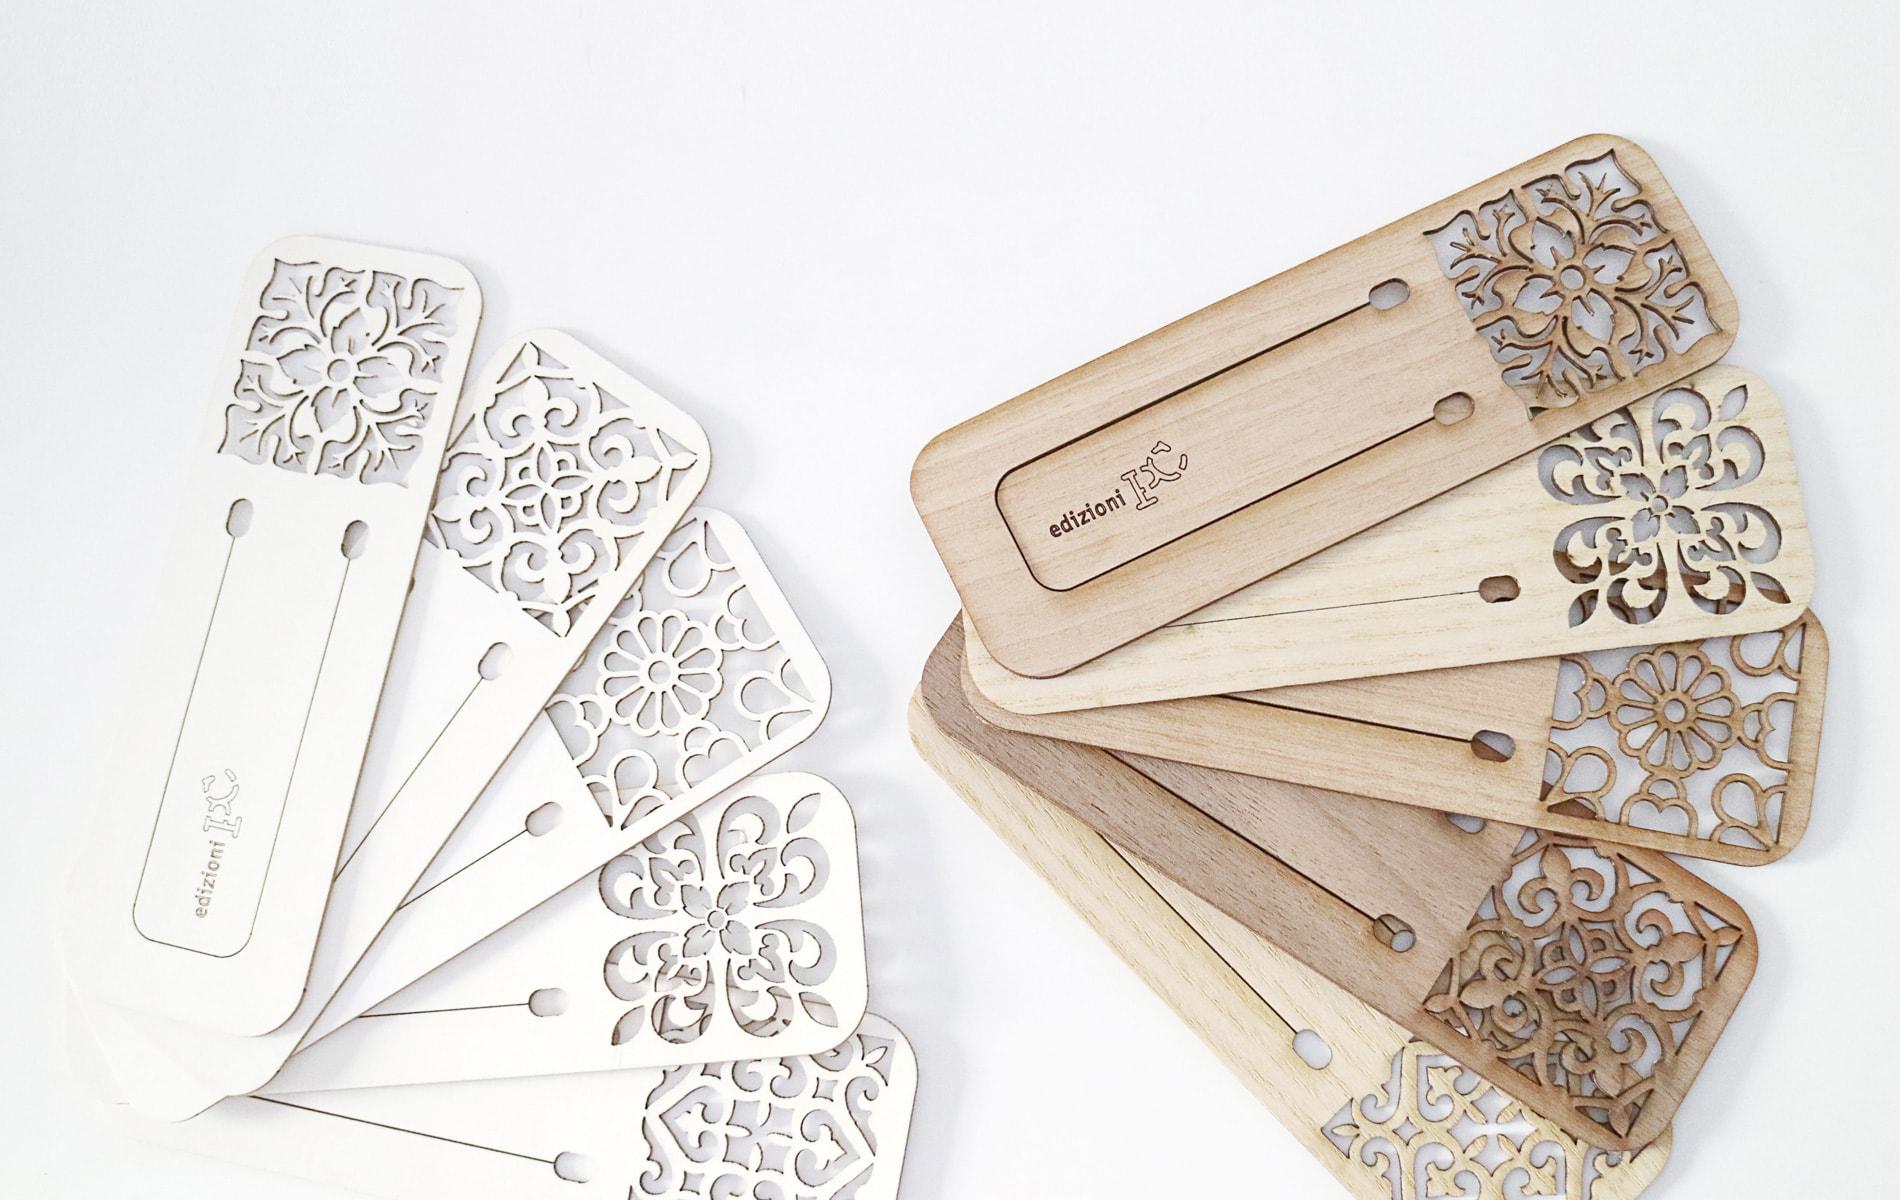 Segnalibri in cartone e legno taglio laser - PxC Edizioni Editoria Made in Puglia